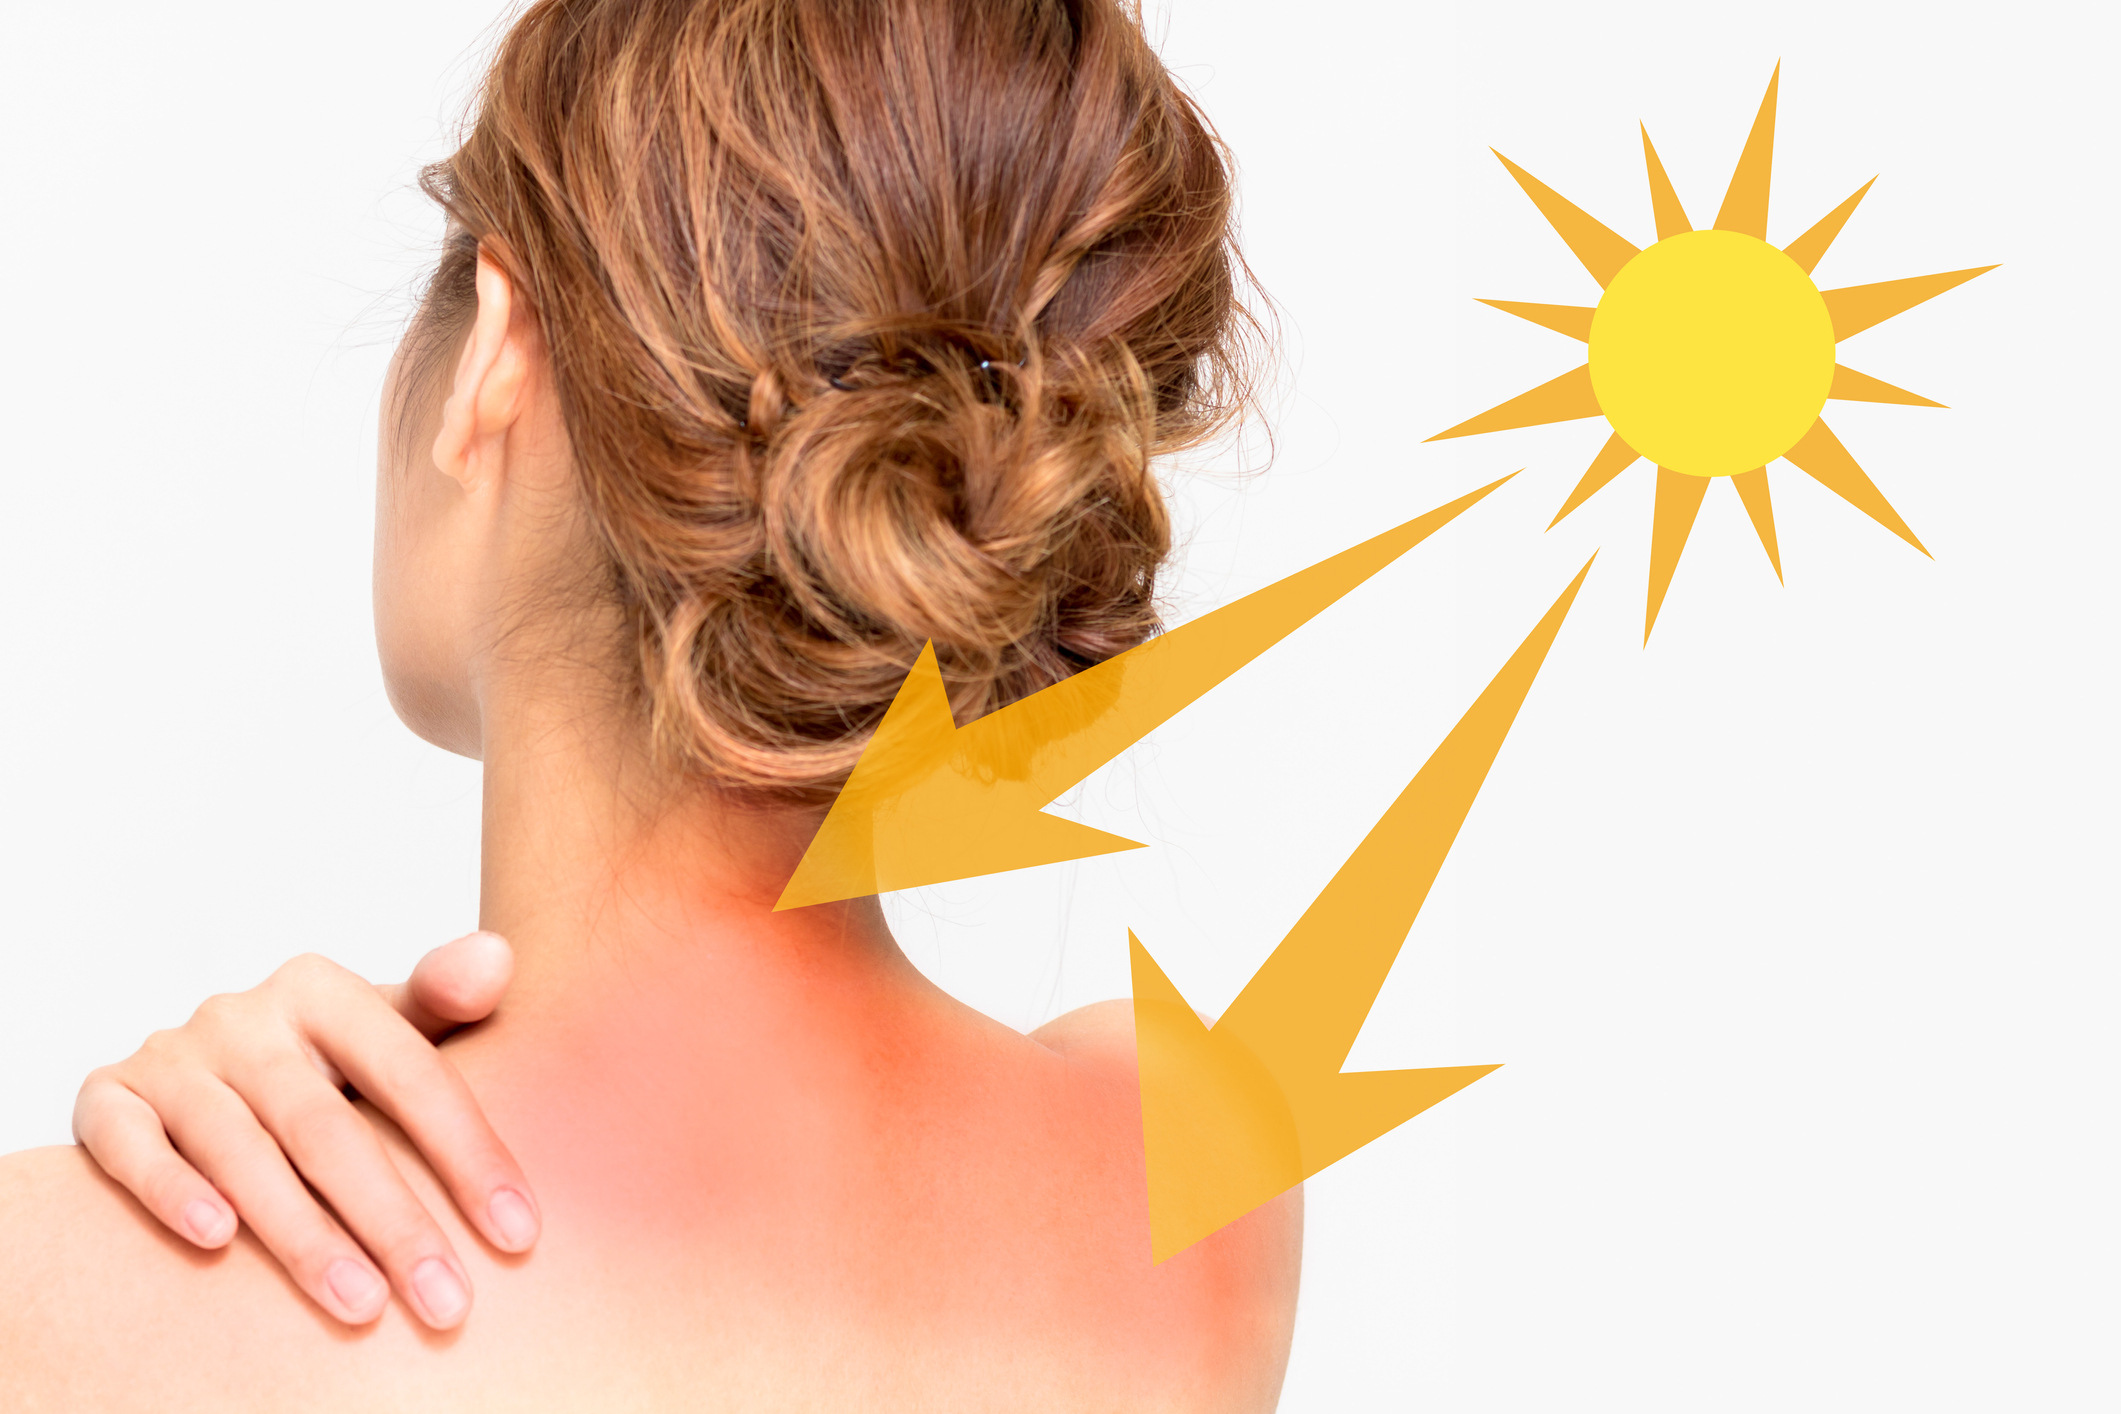 Quemaduras de sol afectan tu piel